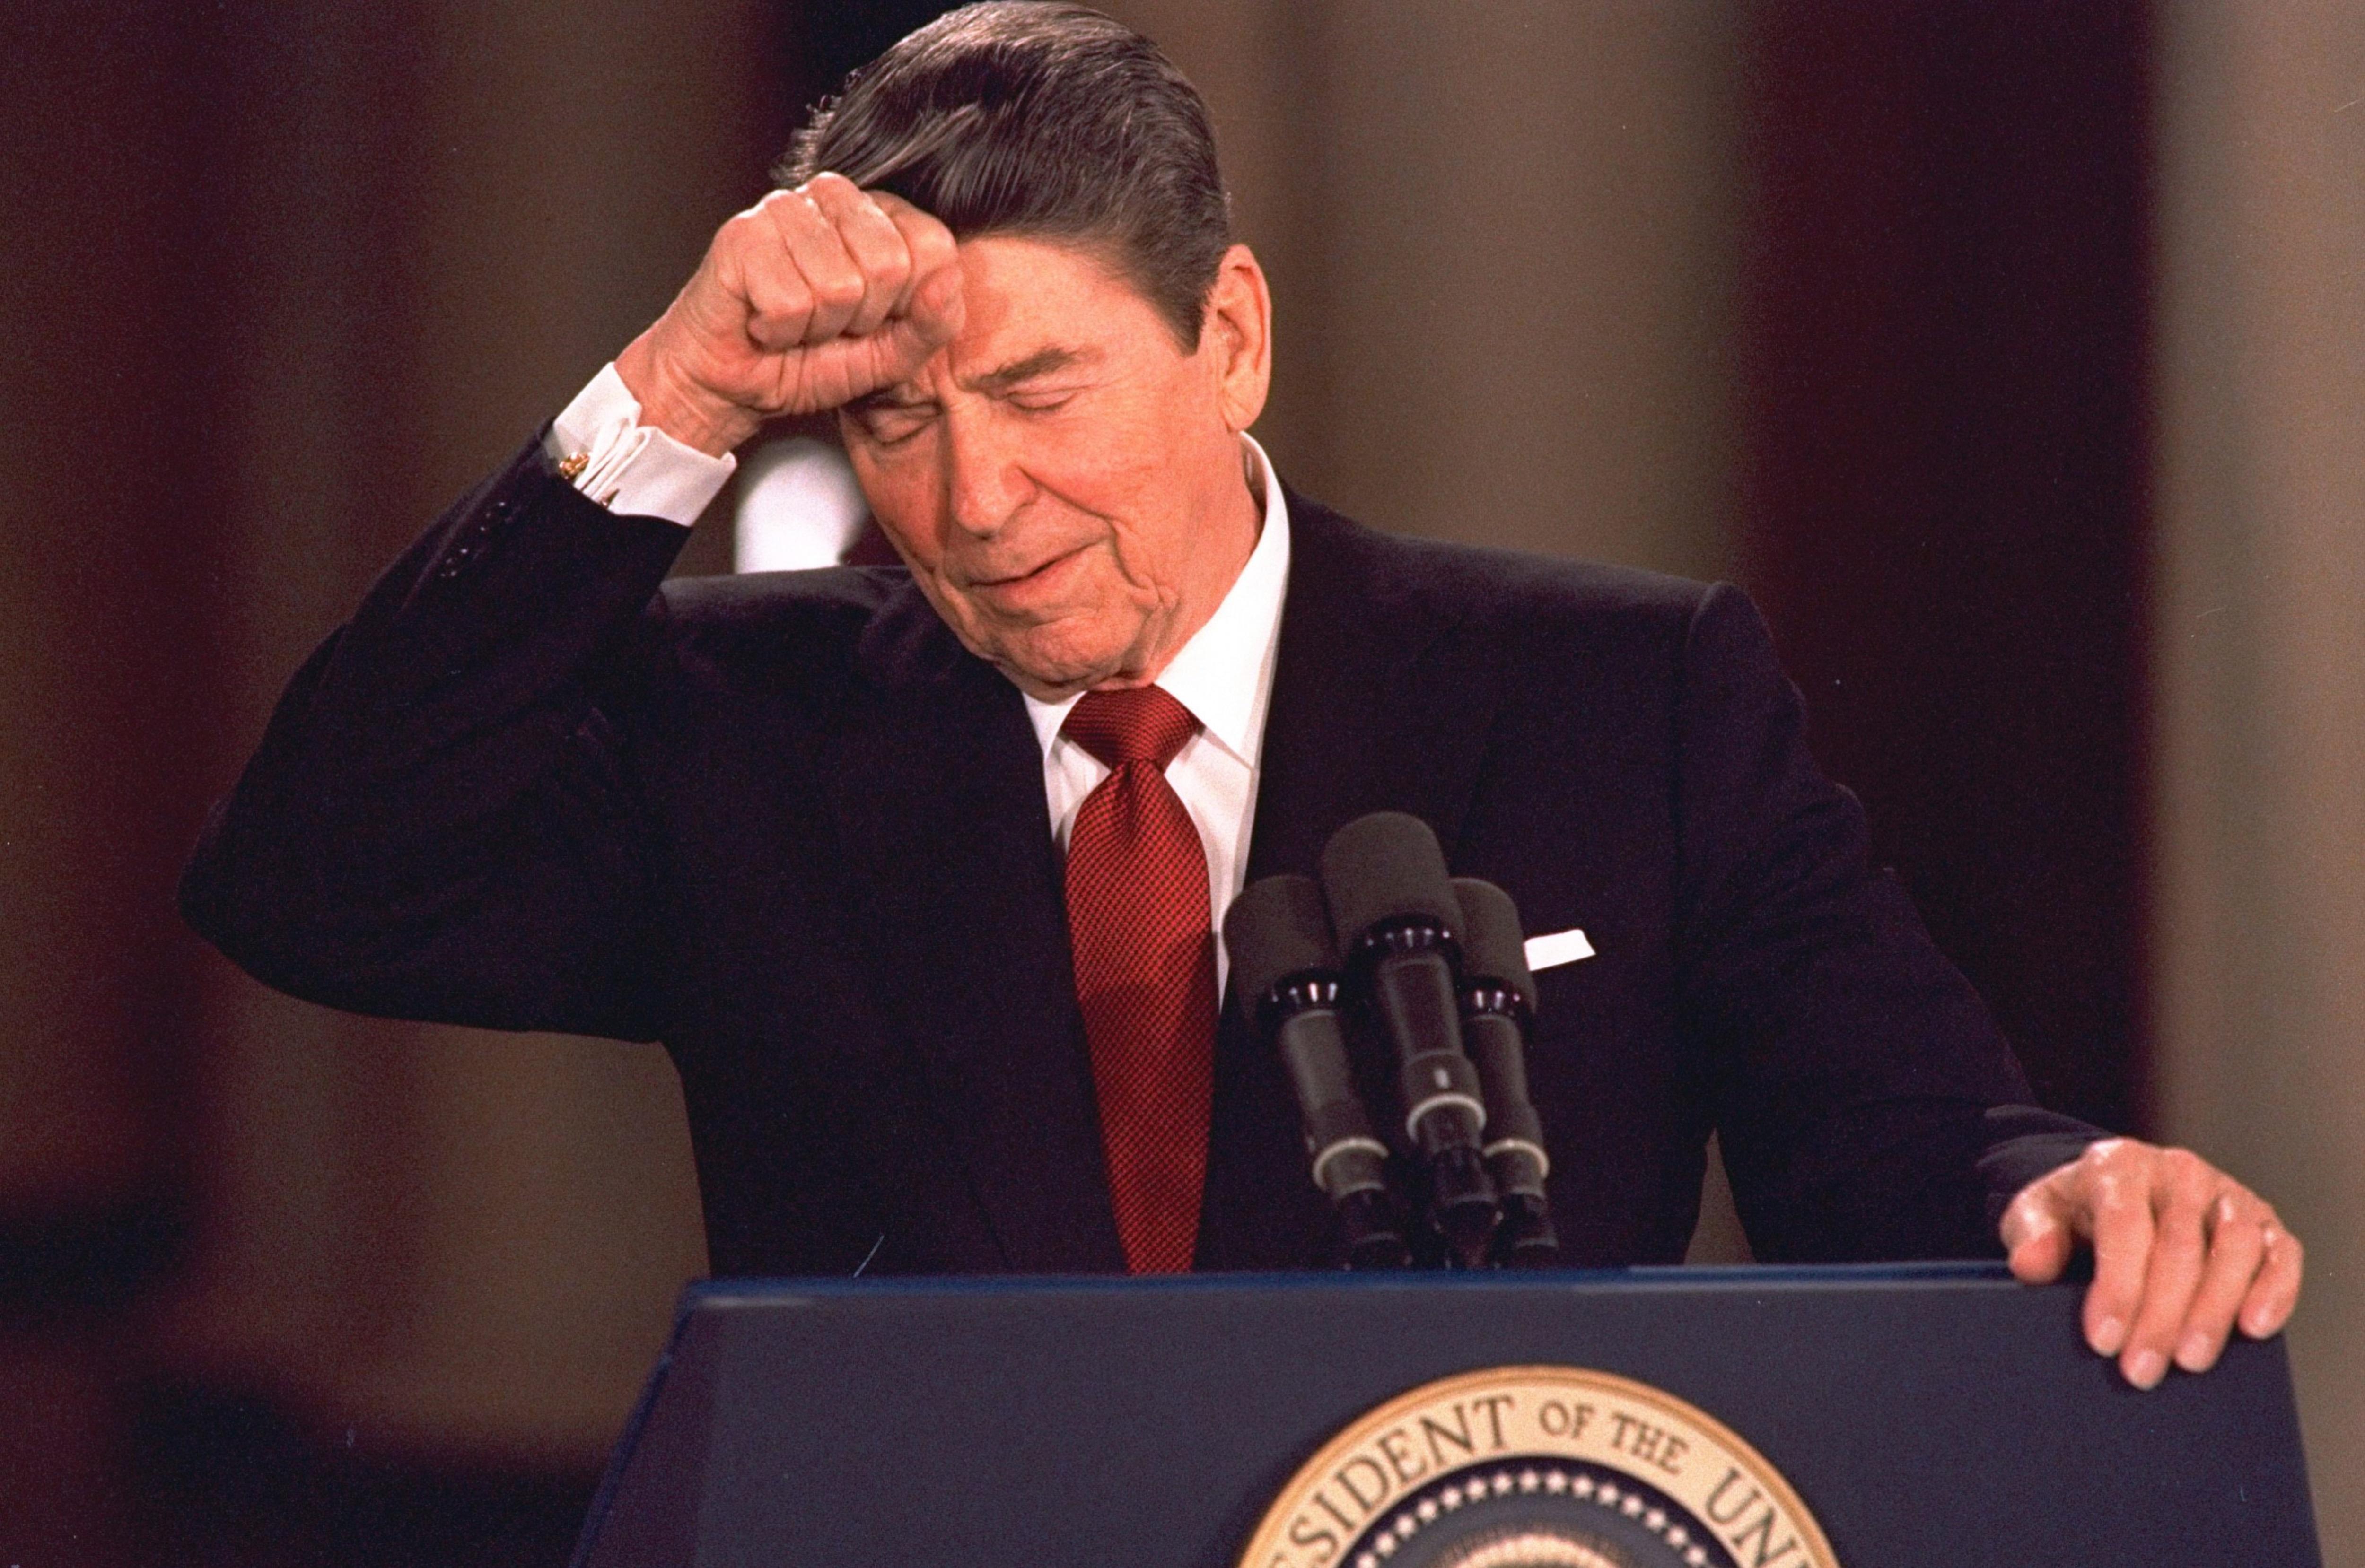 En mars 1987, le président Ronald Reagan admet en conférence de presse que son gouvernement a commis des erreurs.